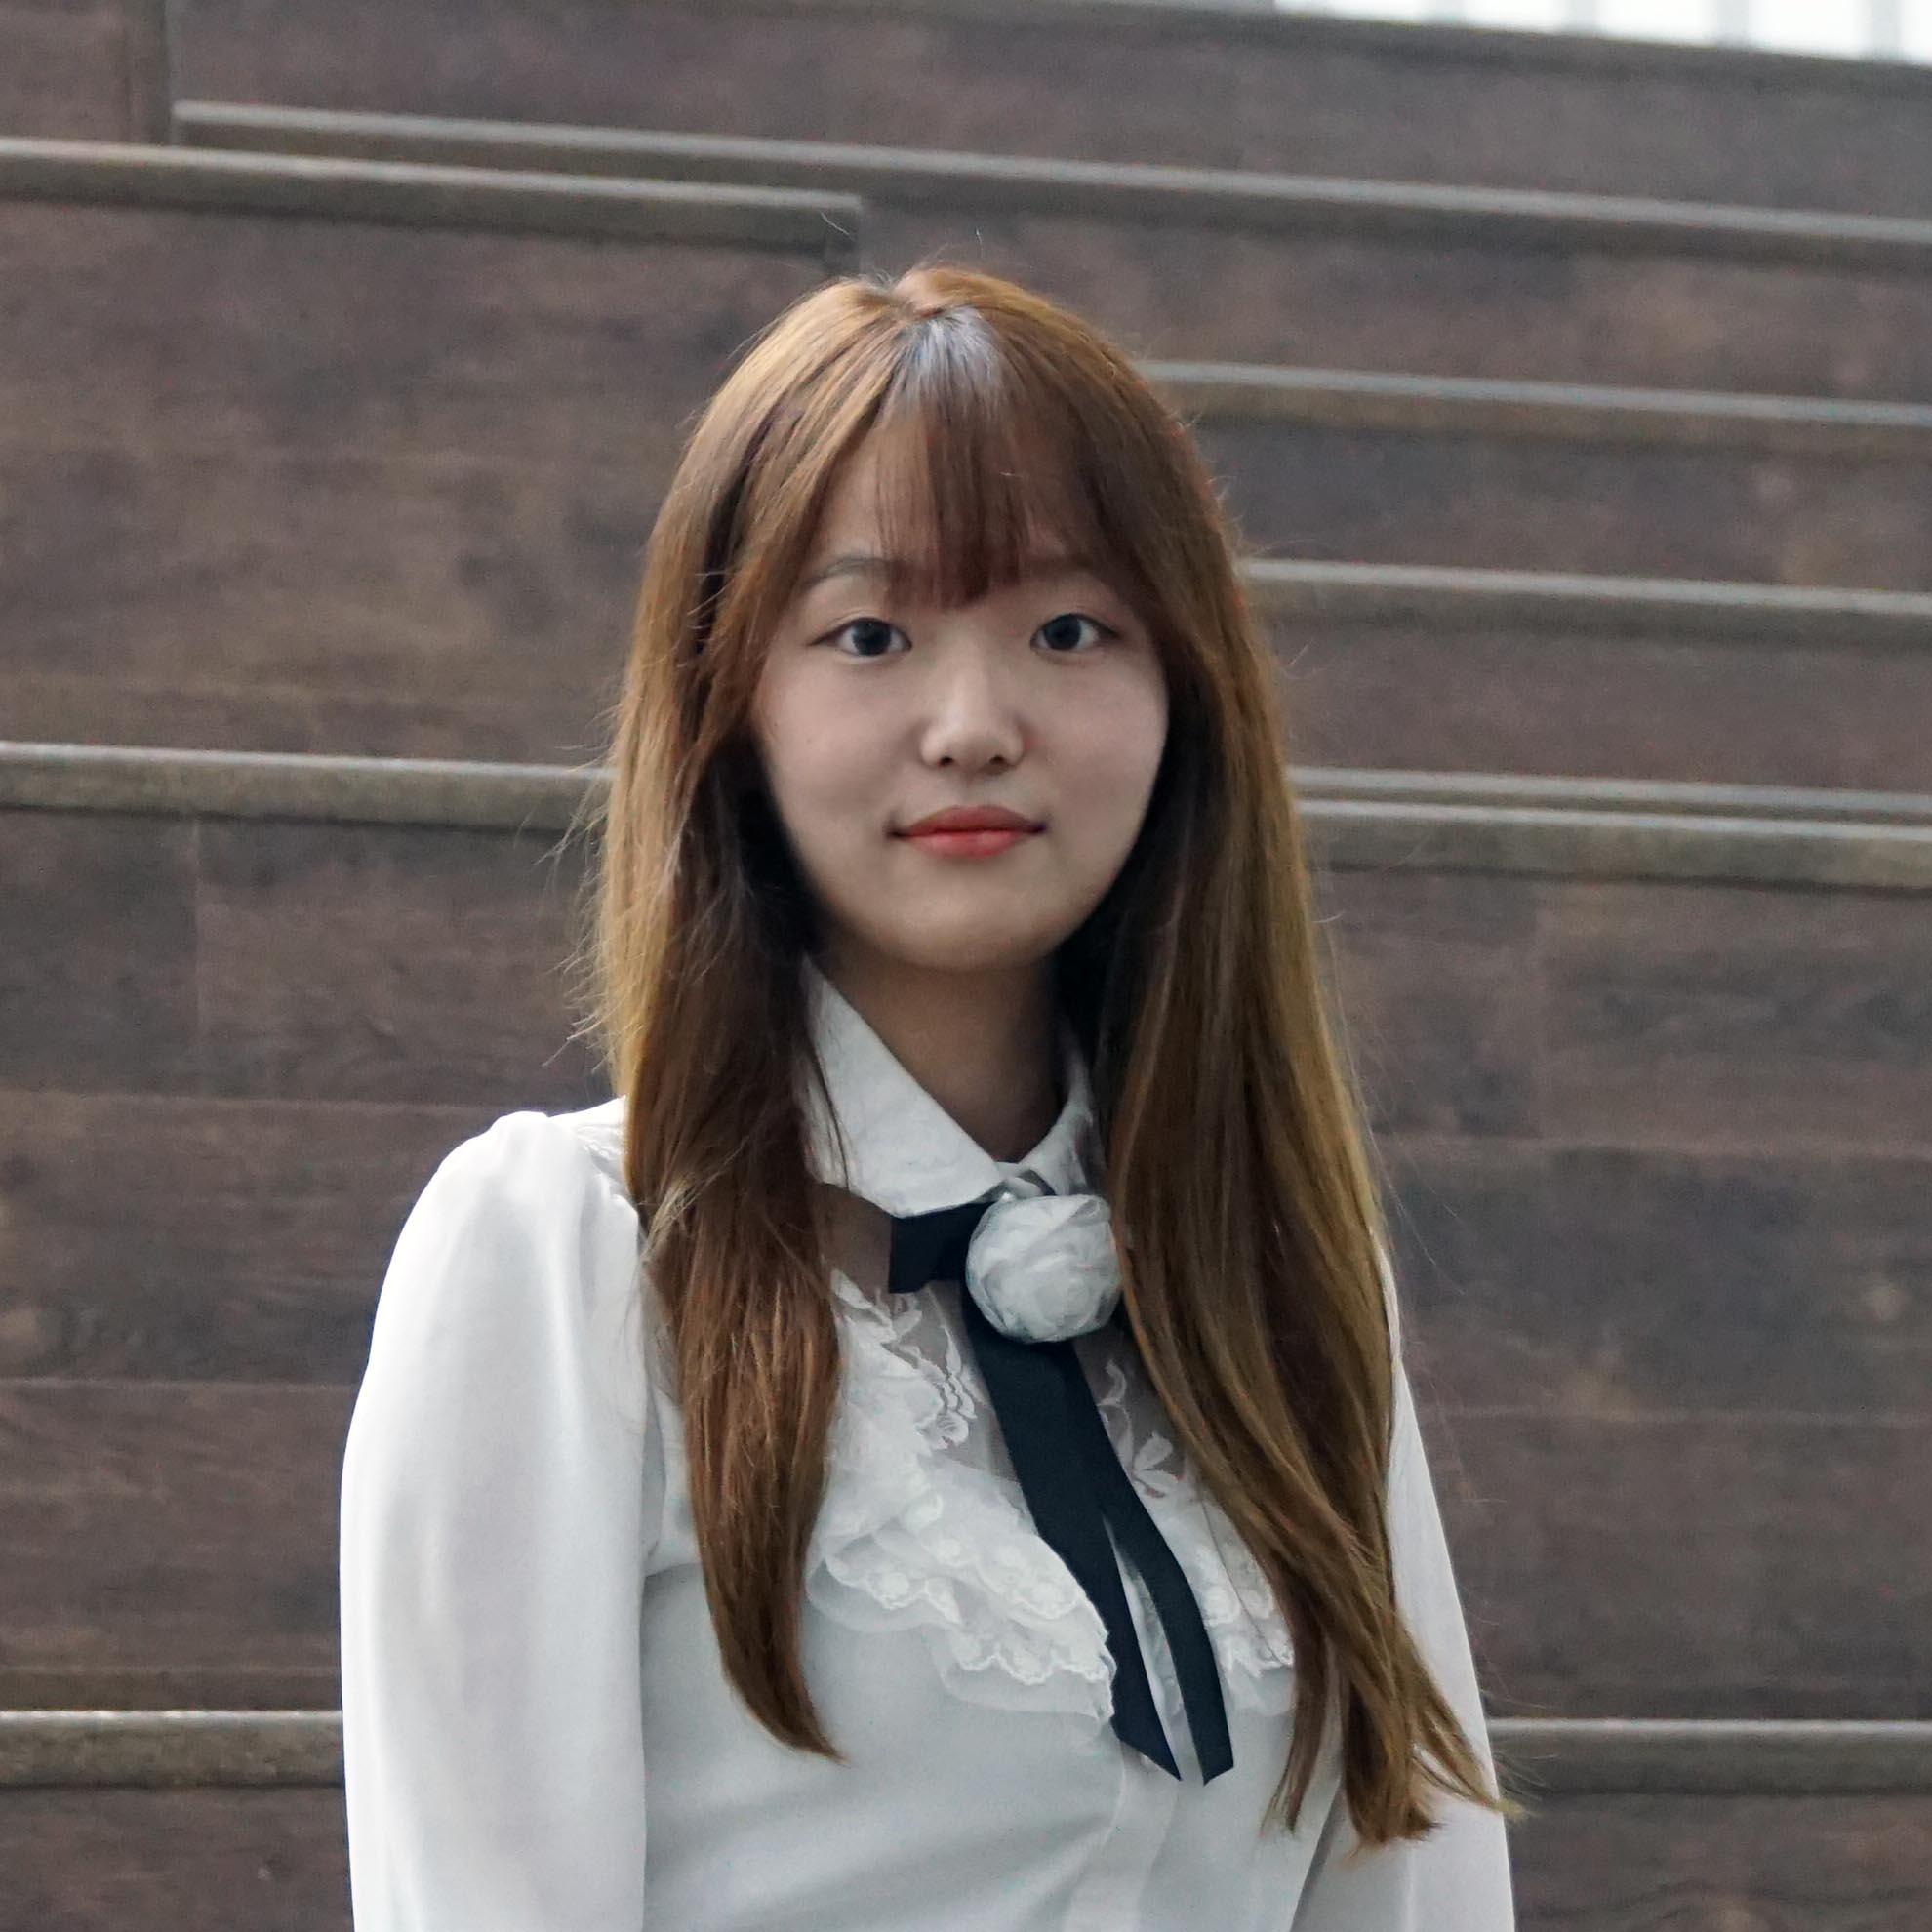 Ji Su Oh